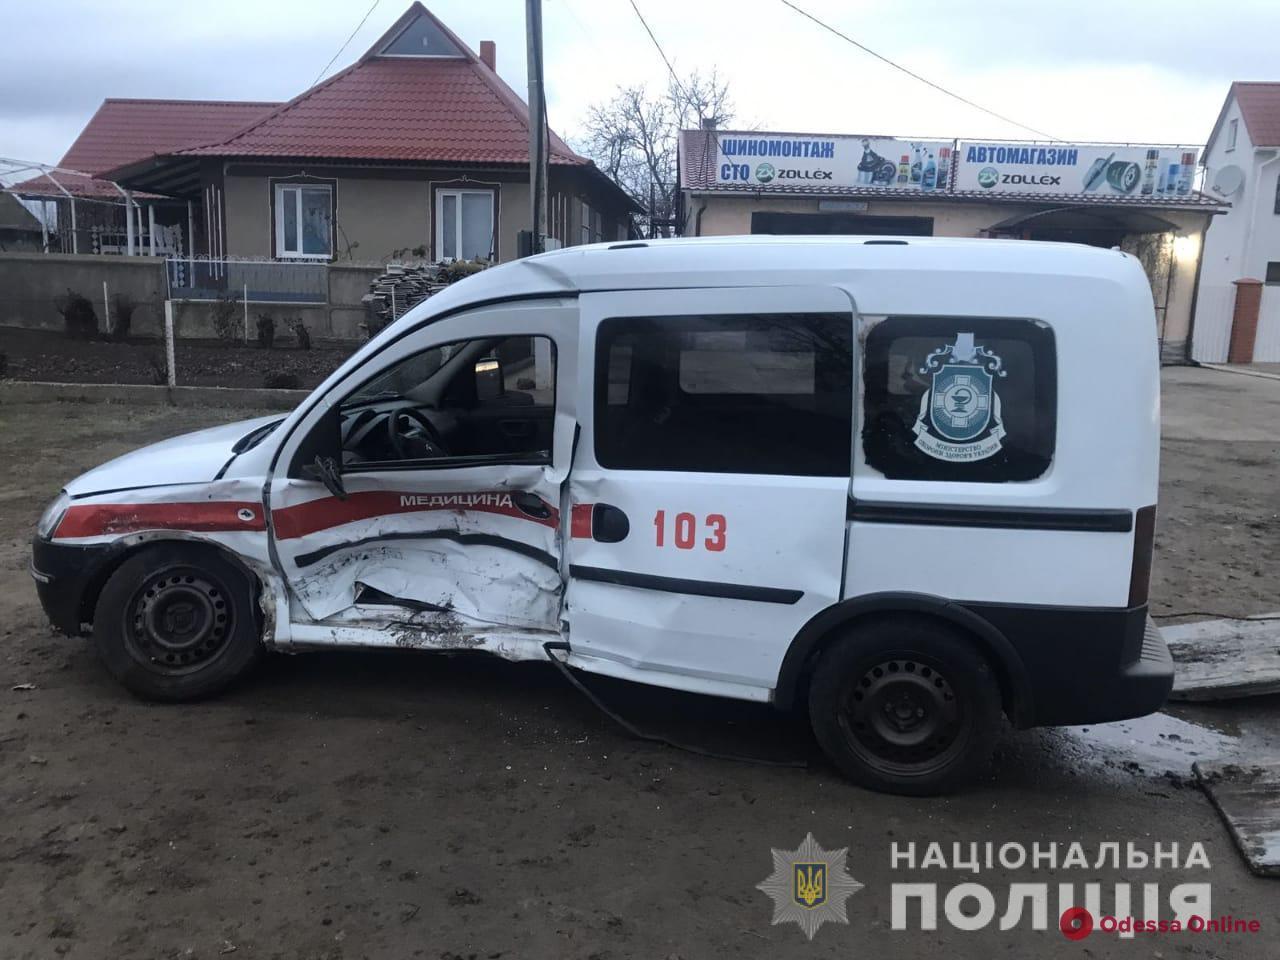 Погиб водитель «скорой»: в Одесской области суд арестовал виновника смертельного ДТП